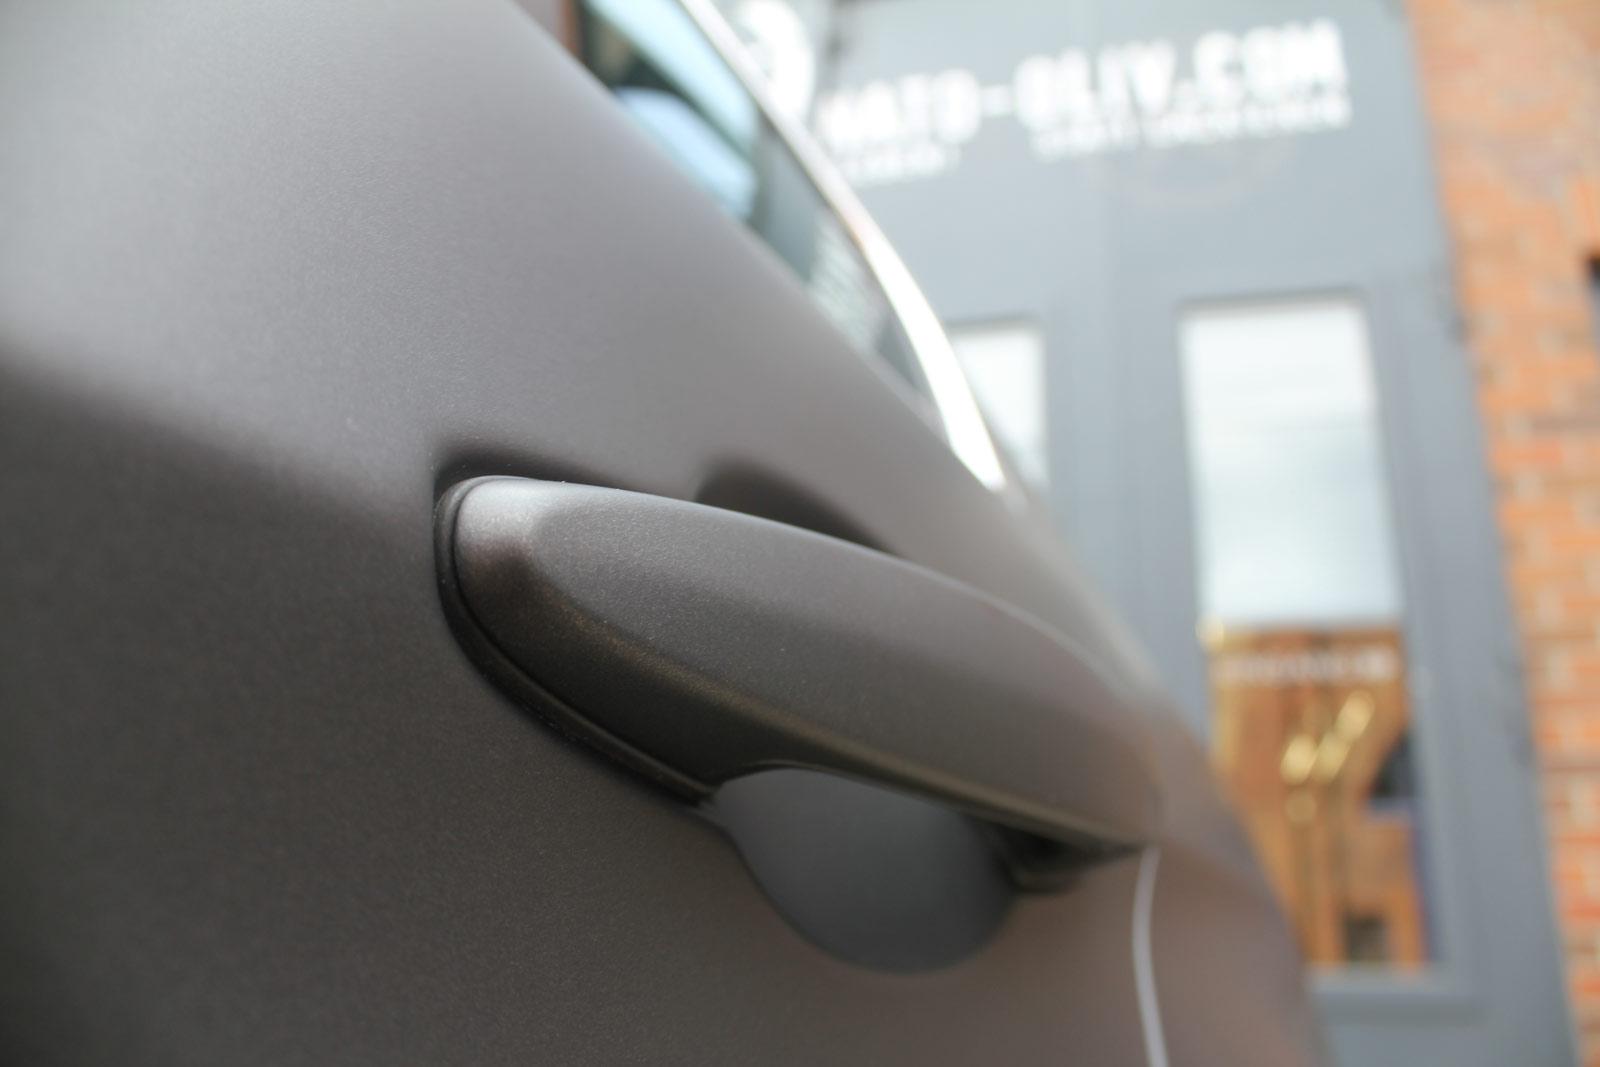 Auto Folierung Car Wrapping BMW 3er Schwarz Braun Matt Metallic Teilfolierung